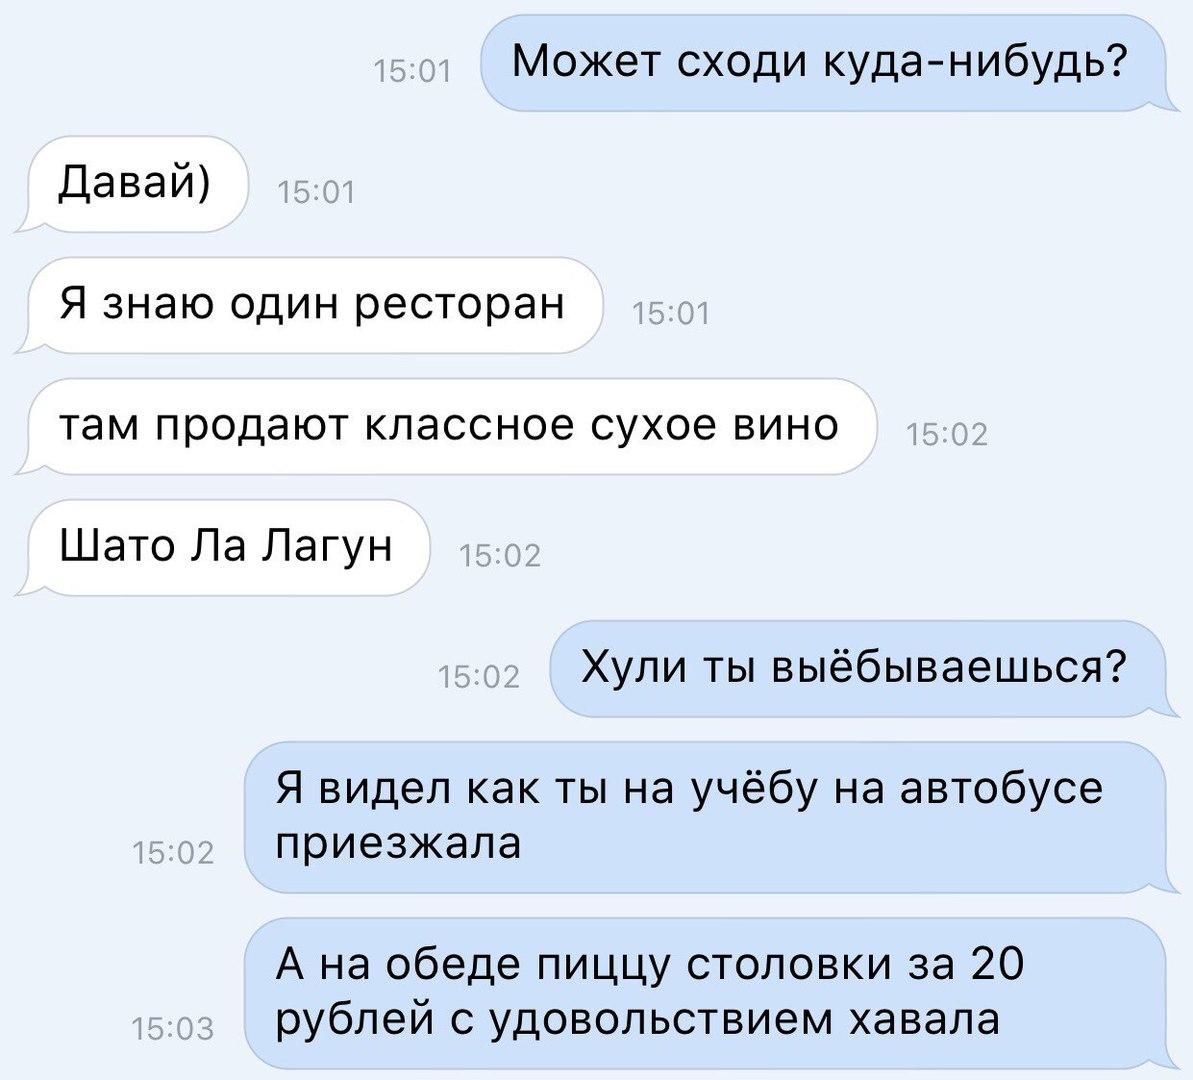 silno-nagnul-i-vieb-foto-kolhoznitsi-goloy-v-zrelom-vozraste-video